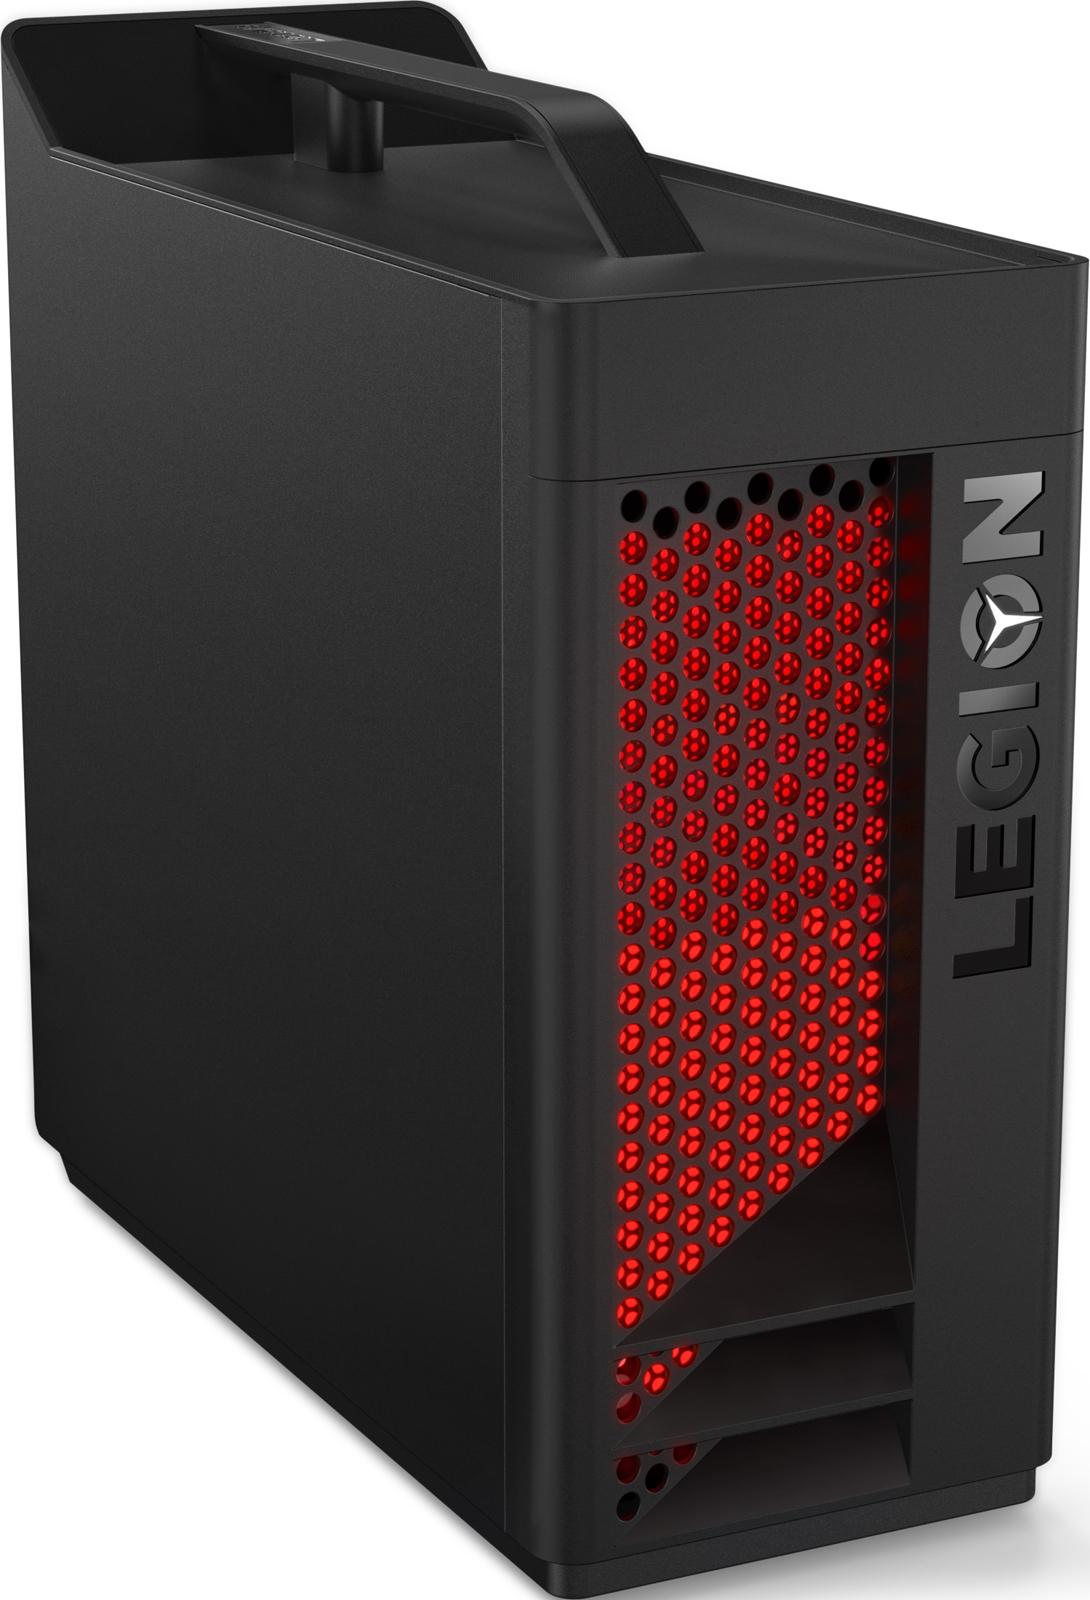 Системный блок Lenovo Legion T530-28ICB MT, 90JL00AWRS, черный lenovo legion t530 28icb 90jl007ers черный